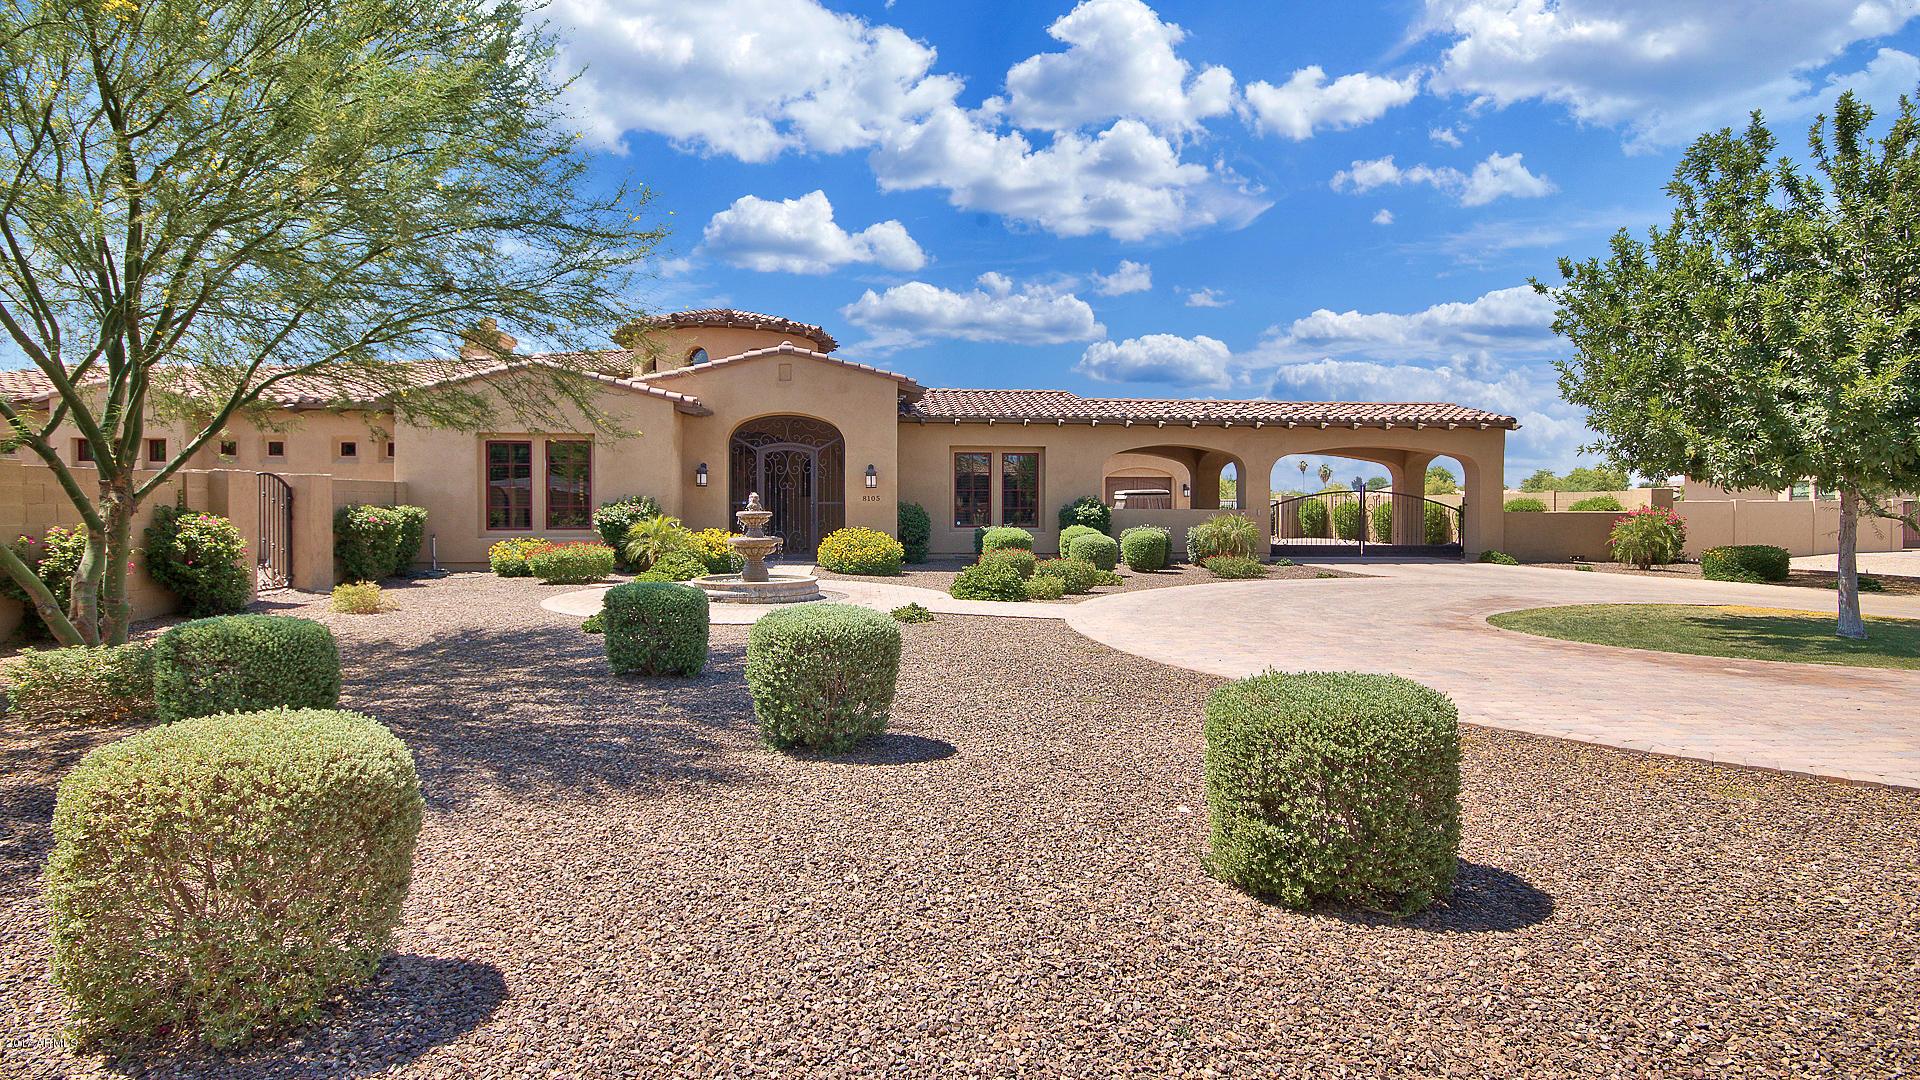 8105 W FRIER Drive, Glendale, Arizona